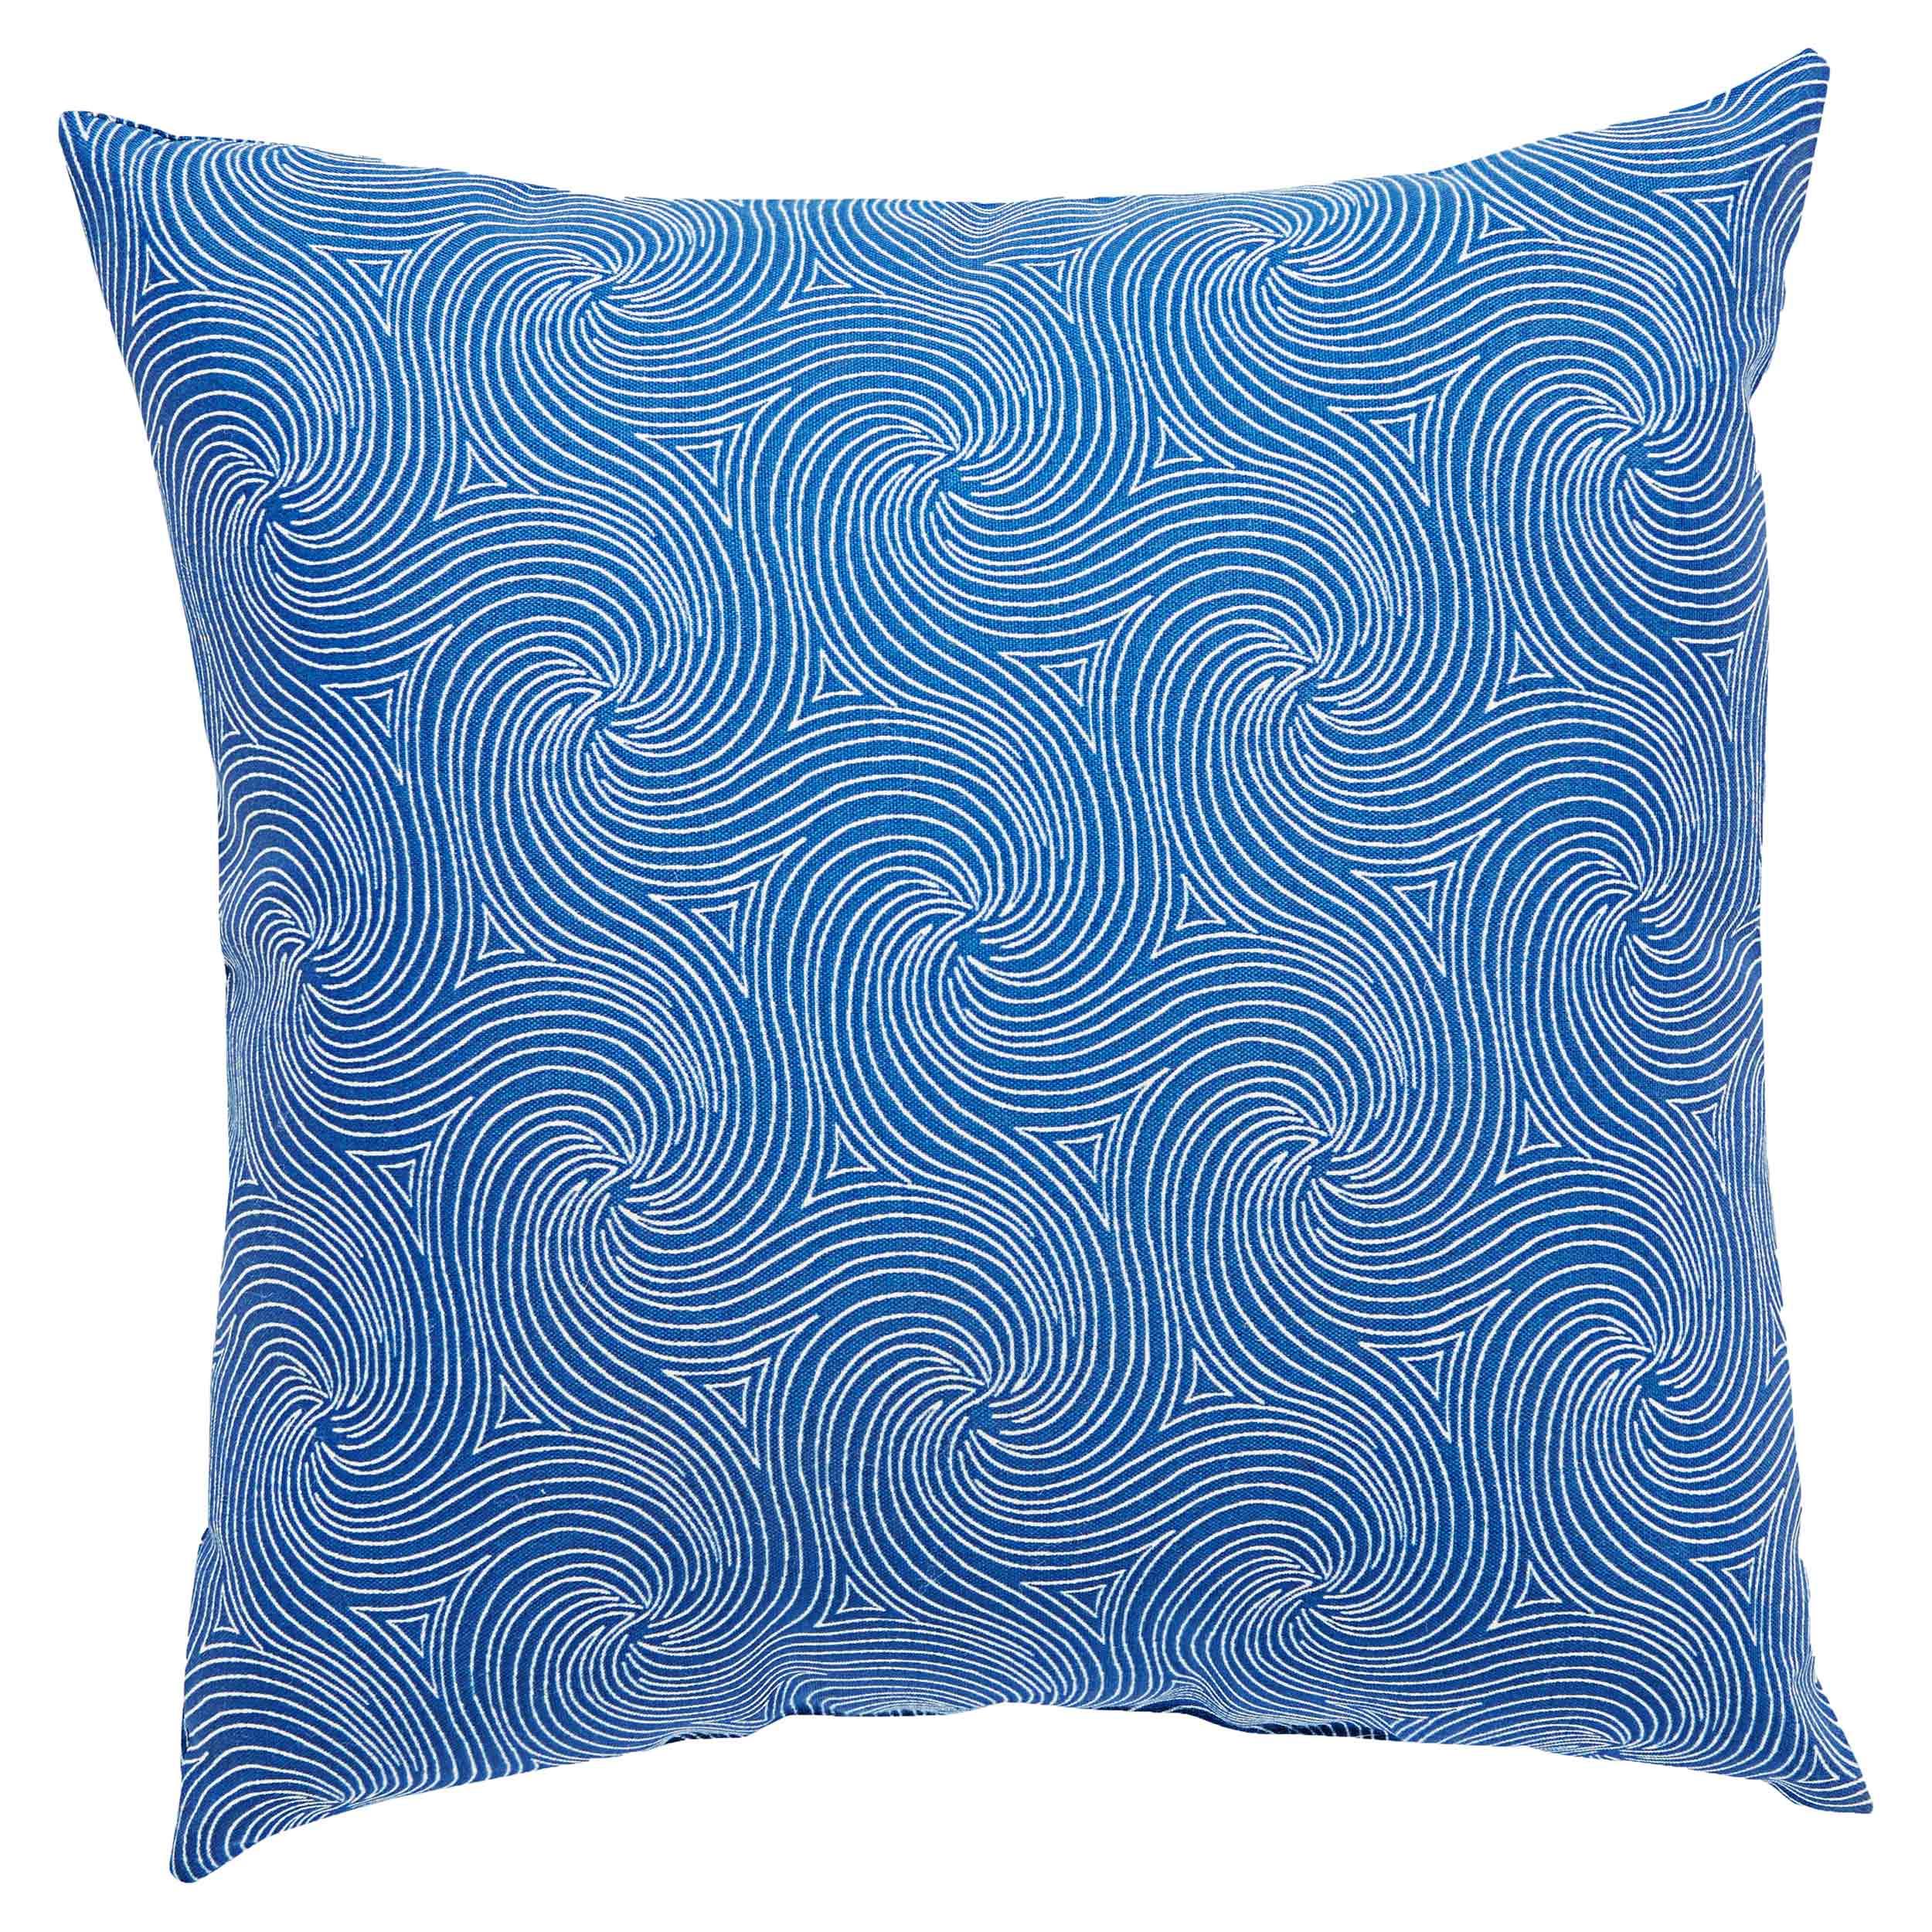 Waves Coastal Modern Blue Outdoor Pillow - 20x20